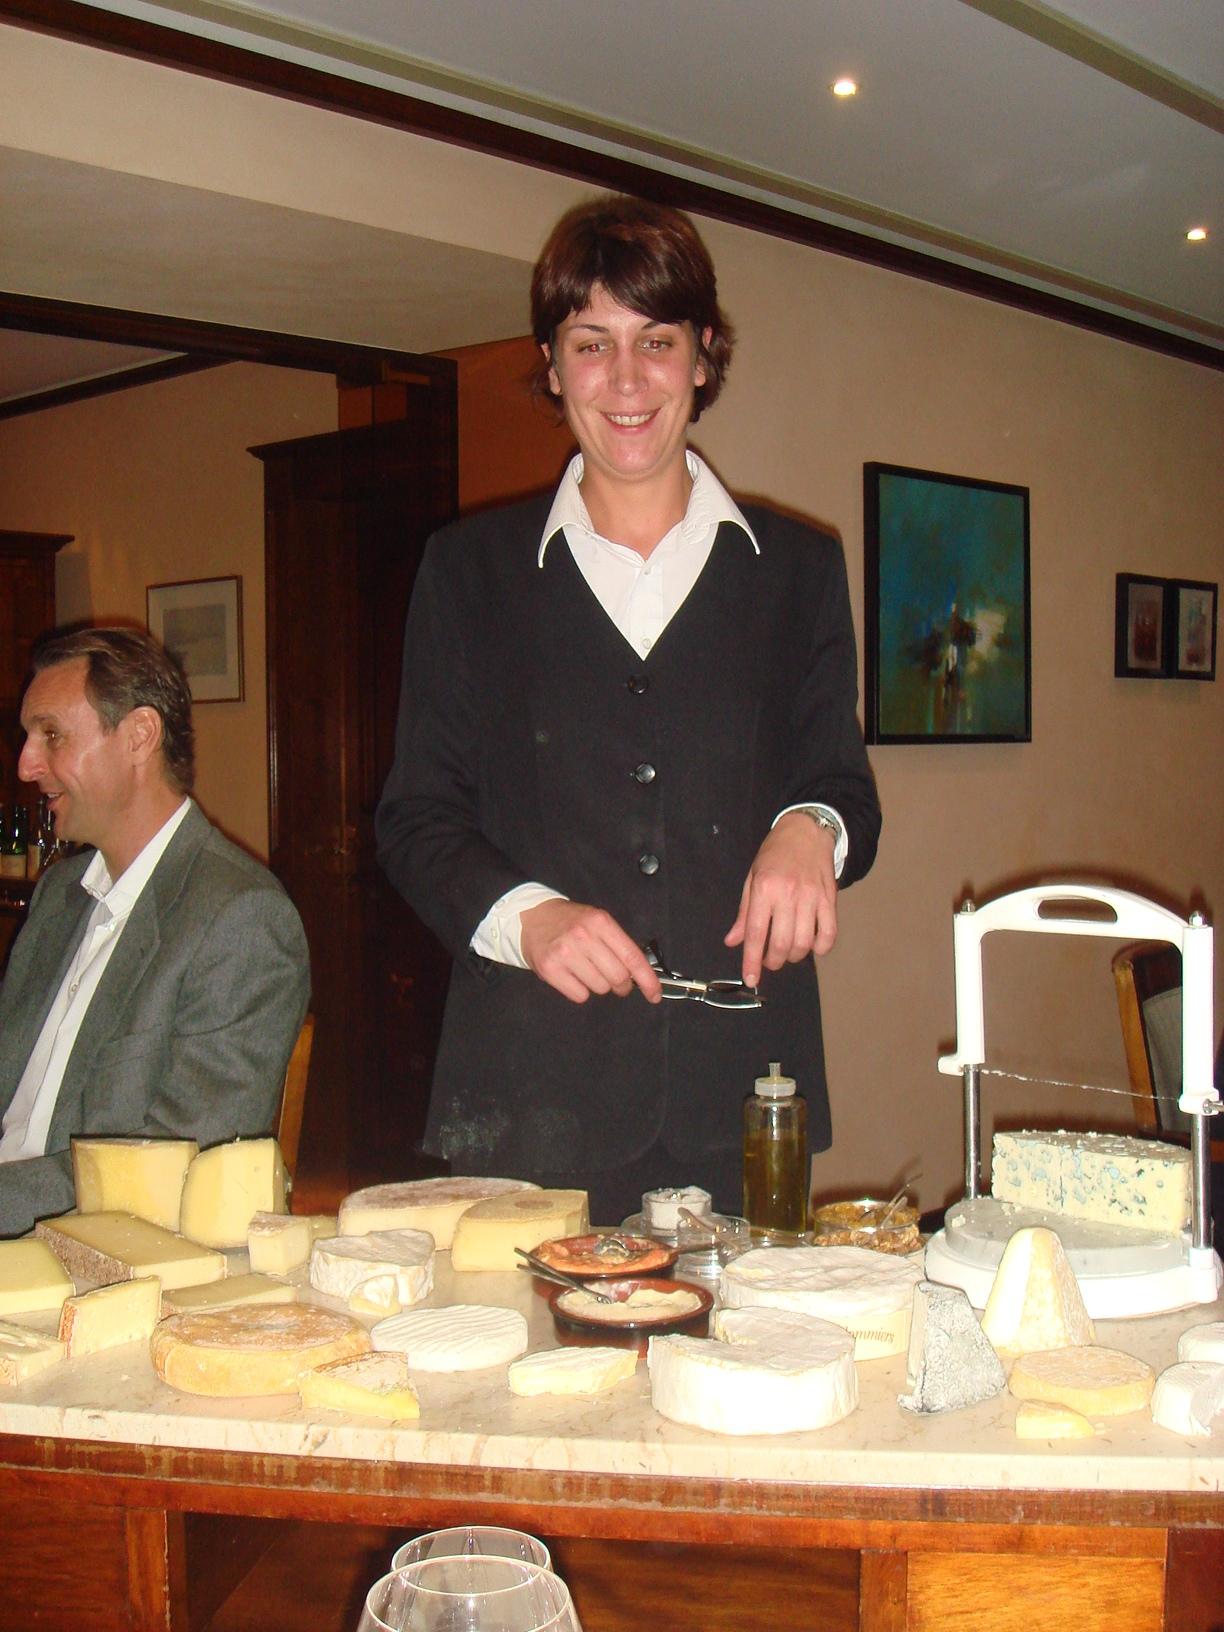 Десерт принесли! И типичная швейцарская девушка.